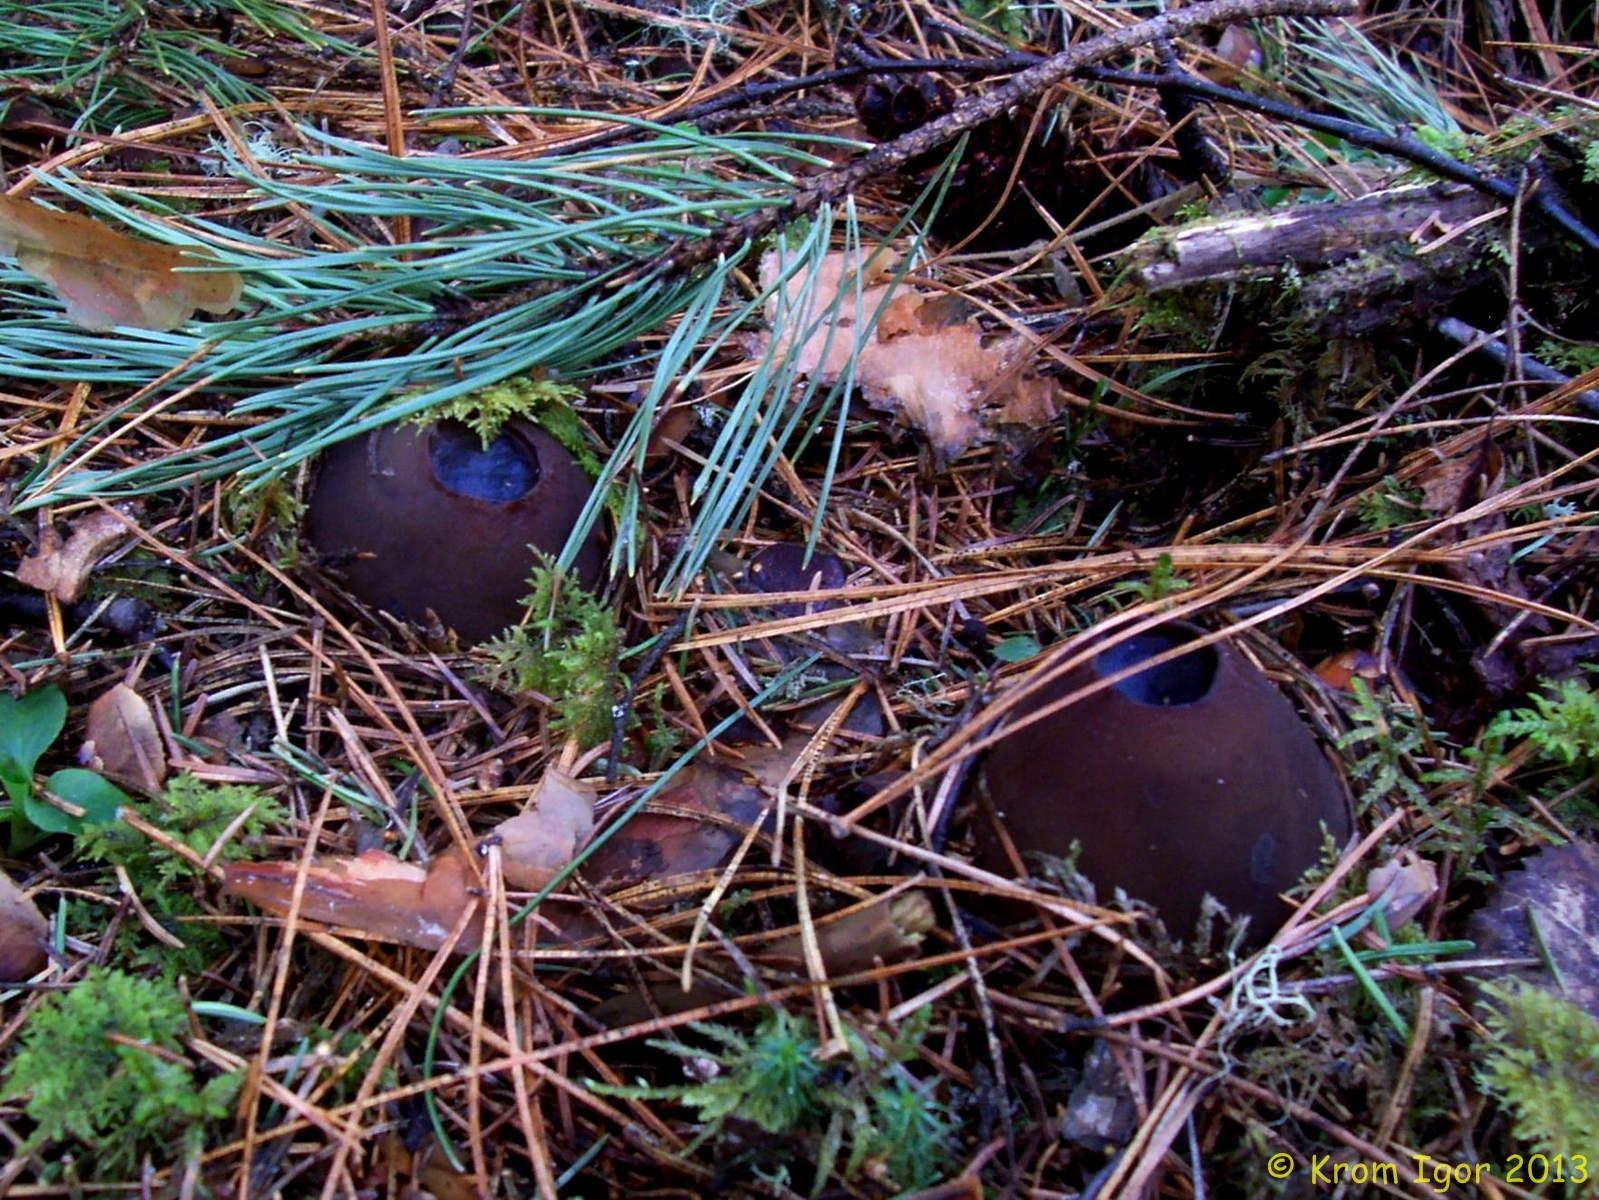 Саркосома шаровидная, Sarcosoma globosum. Автор фото: Кром Игорь